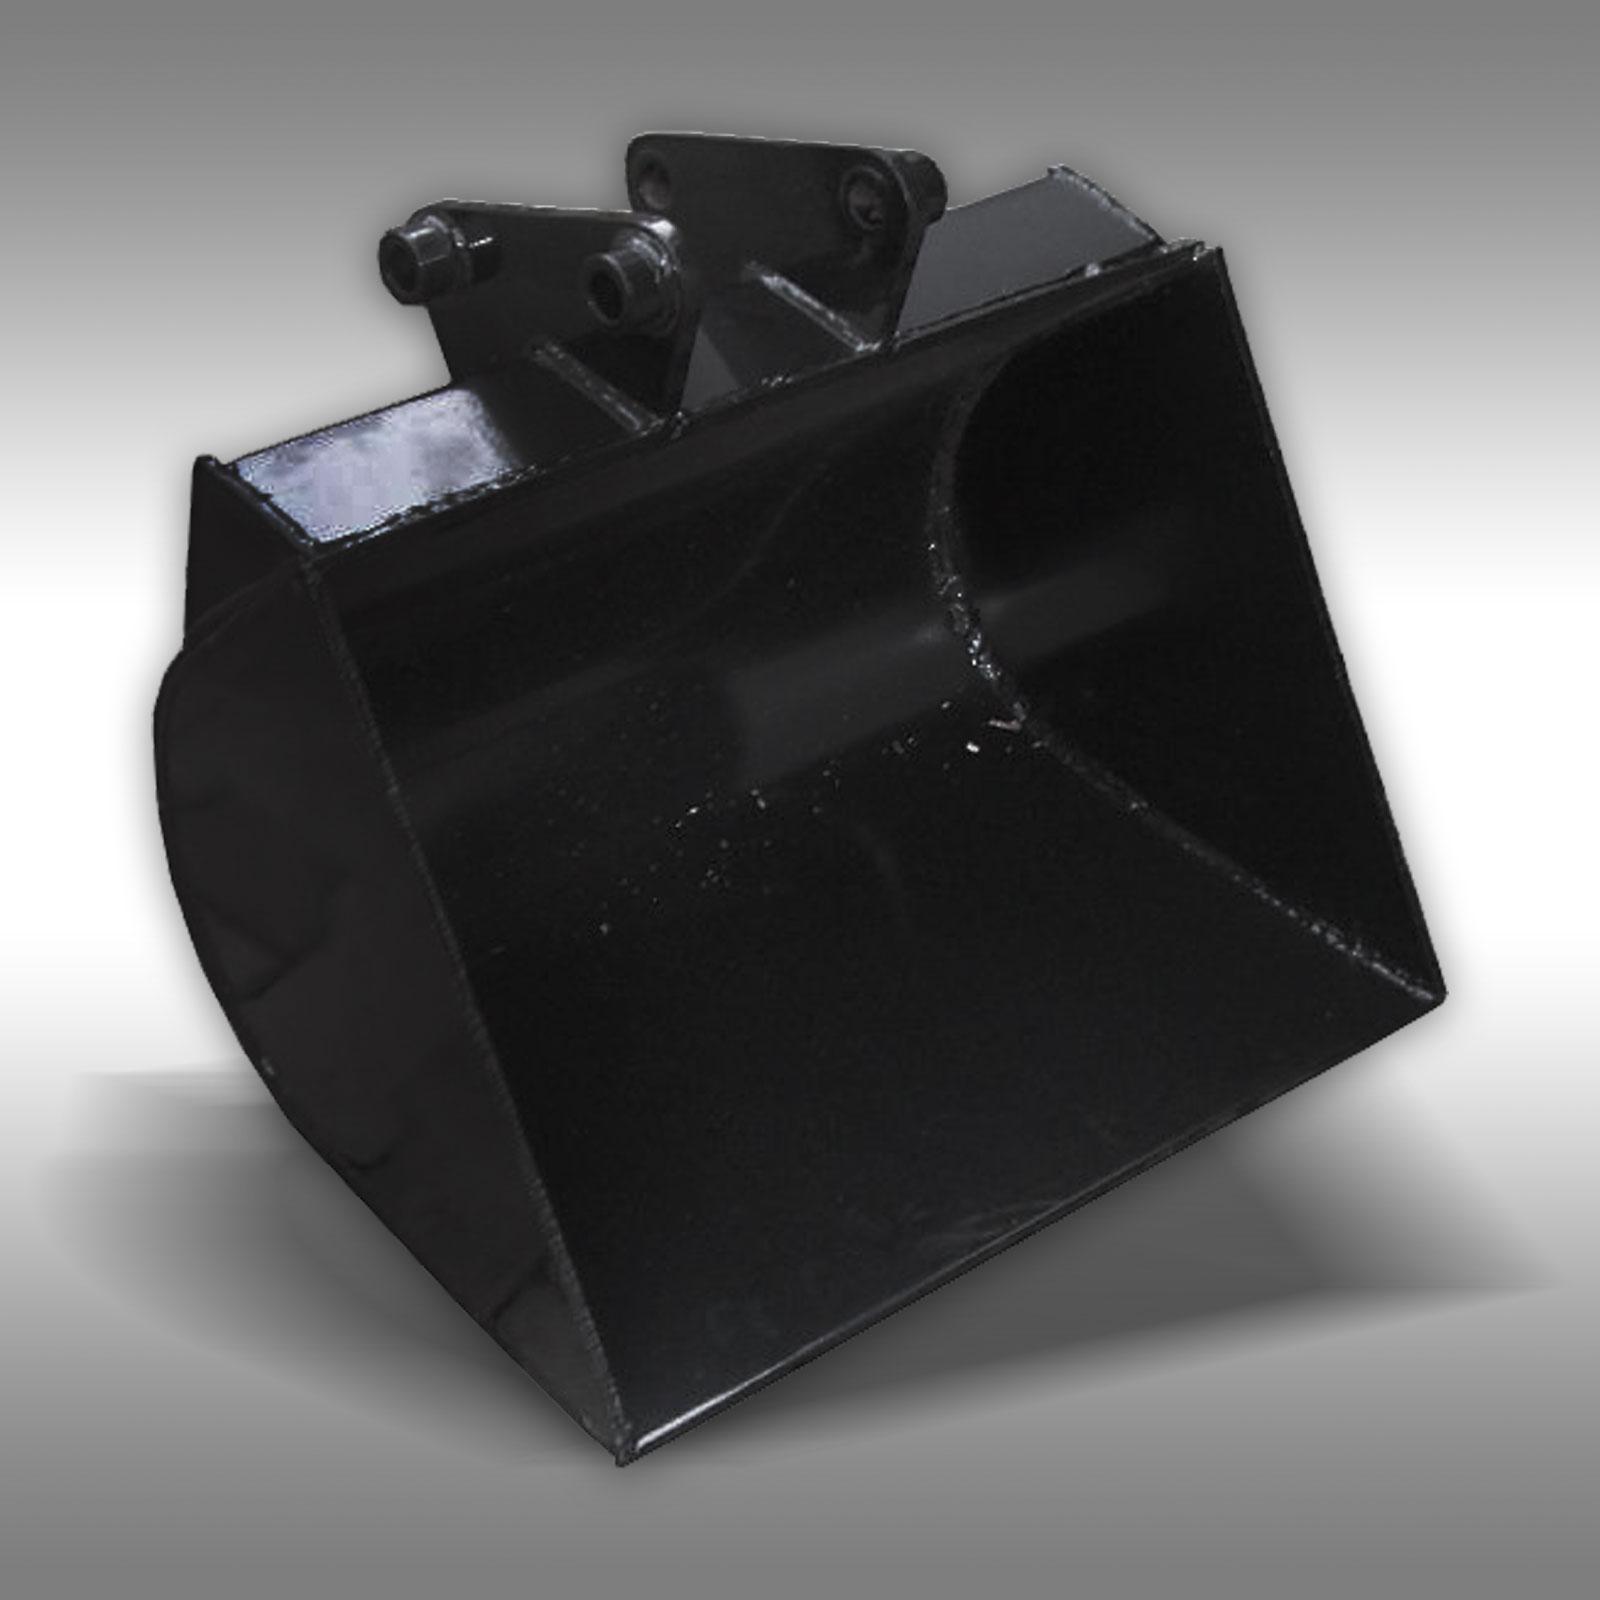 Jansen Graafbak 600 mm voor 9PK minigraafmachine Jansen MB-300